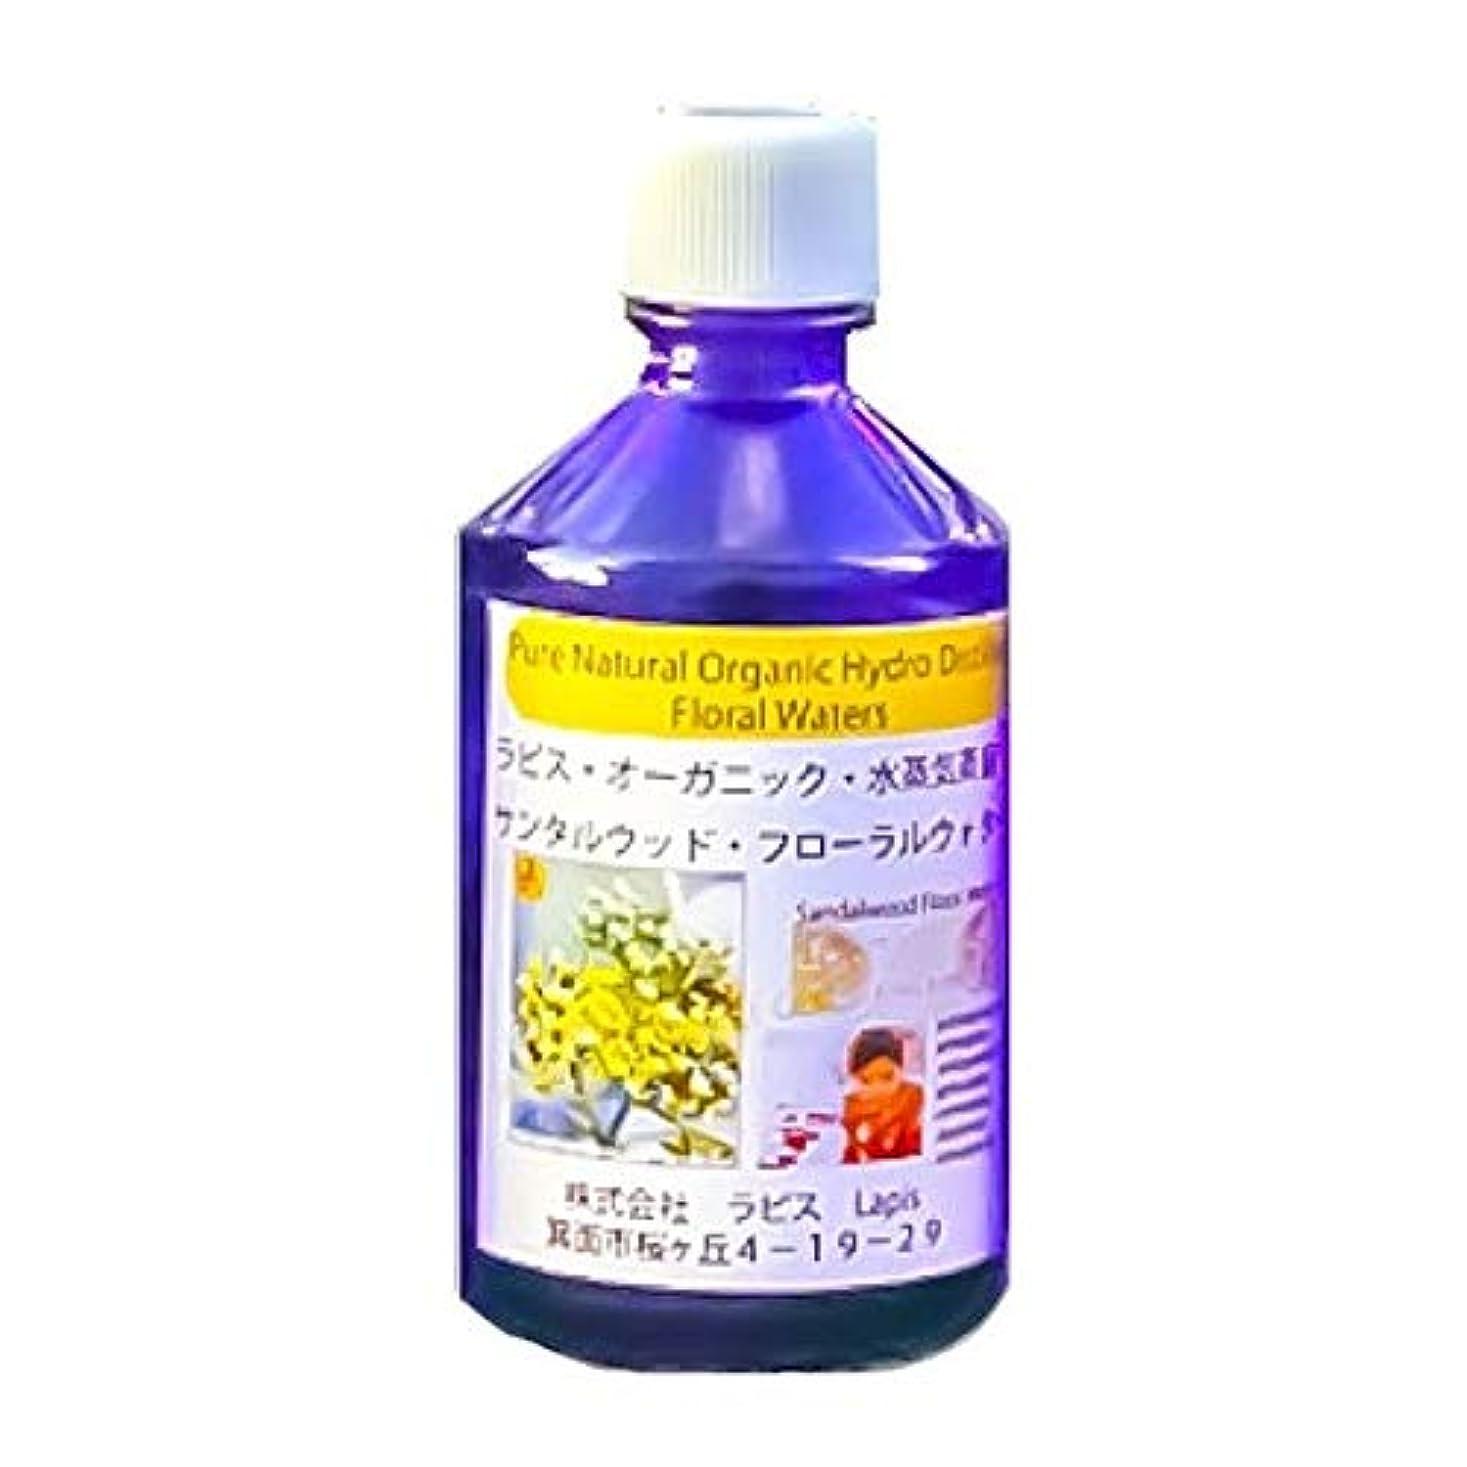 取るマンモスすごいサンダルウッドフローラルウォーター [Sandalwood Floral Water] (100mL)